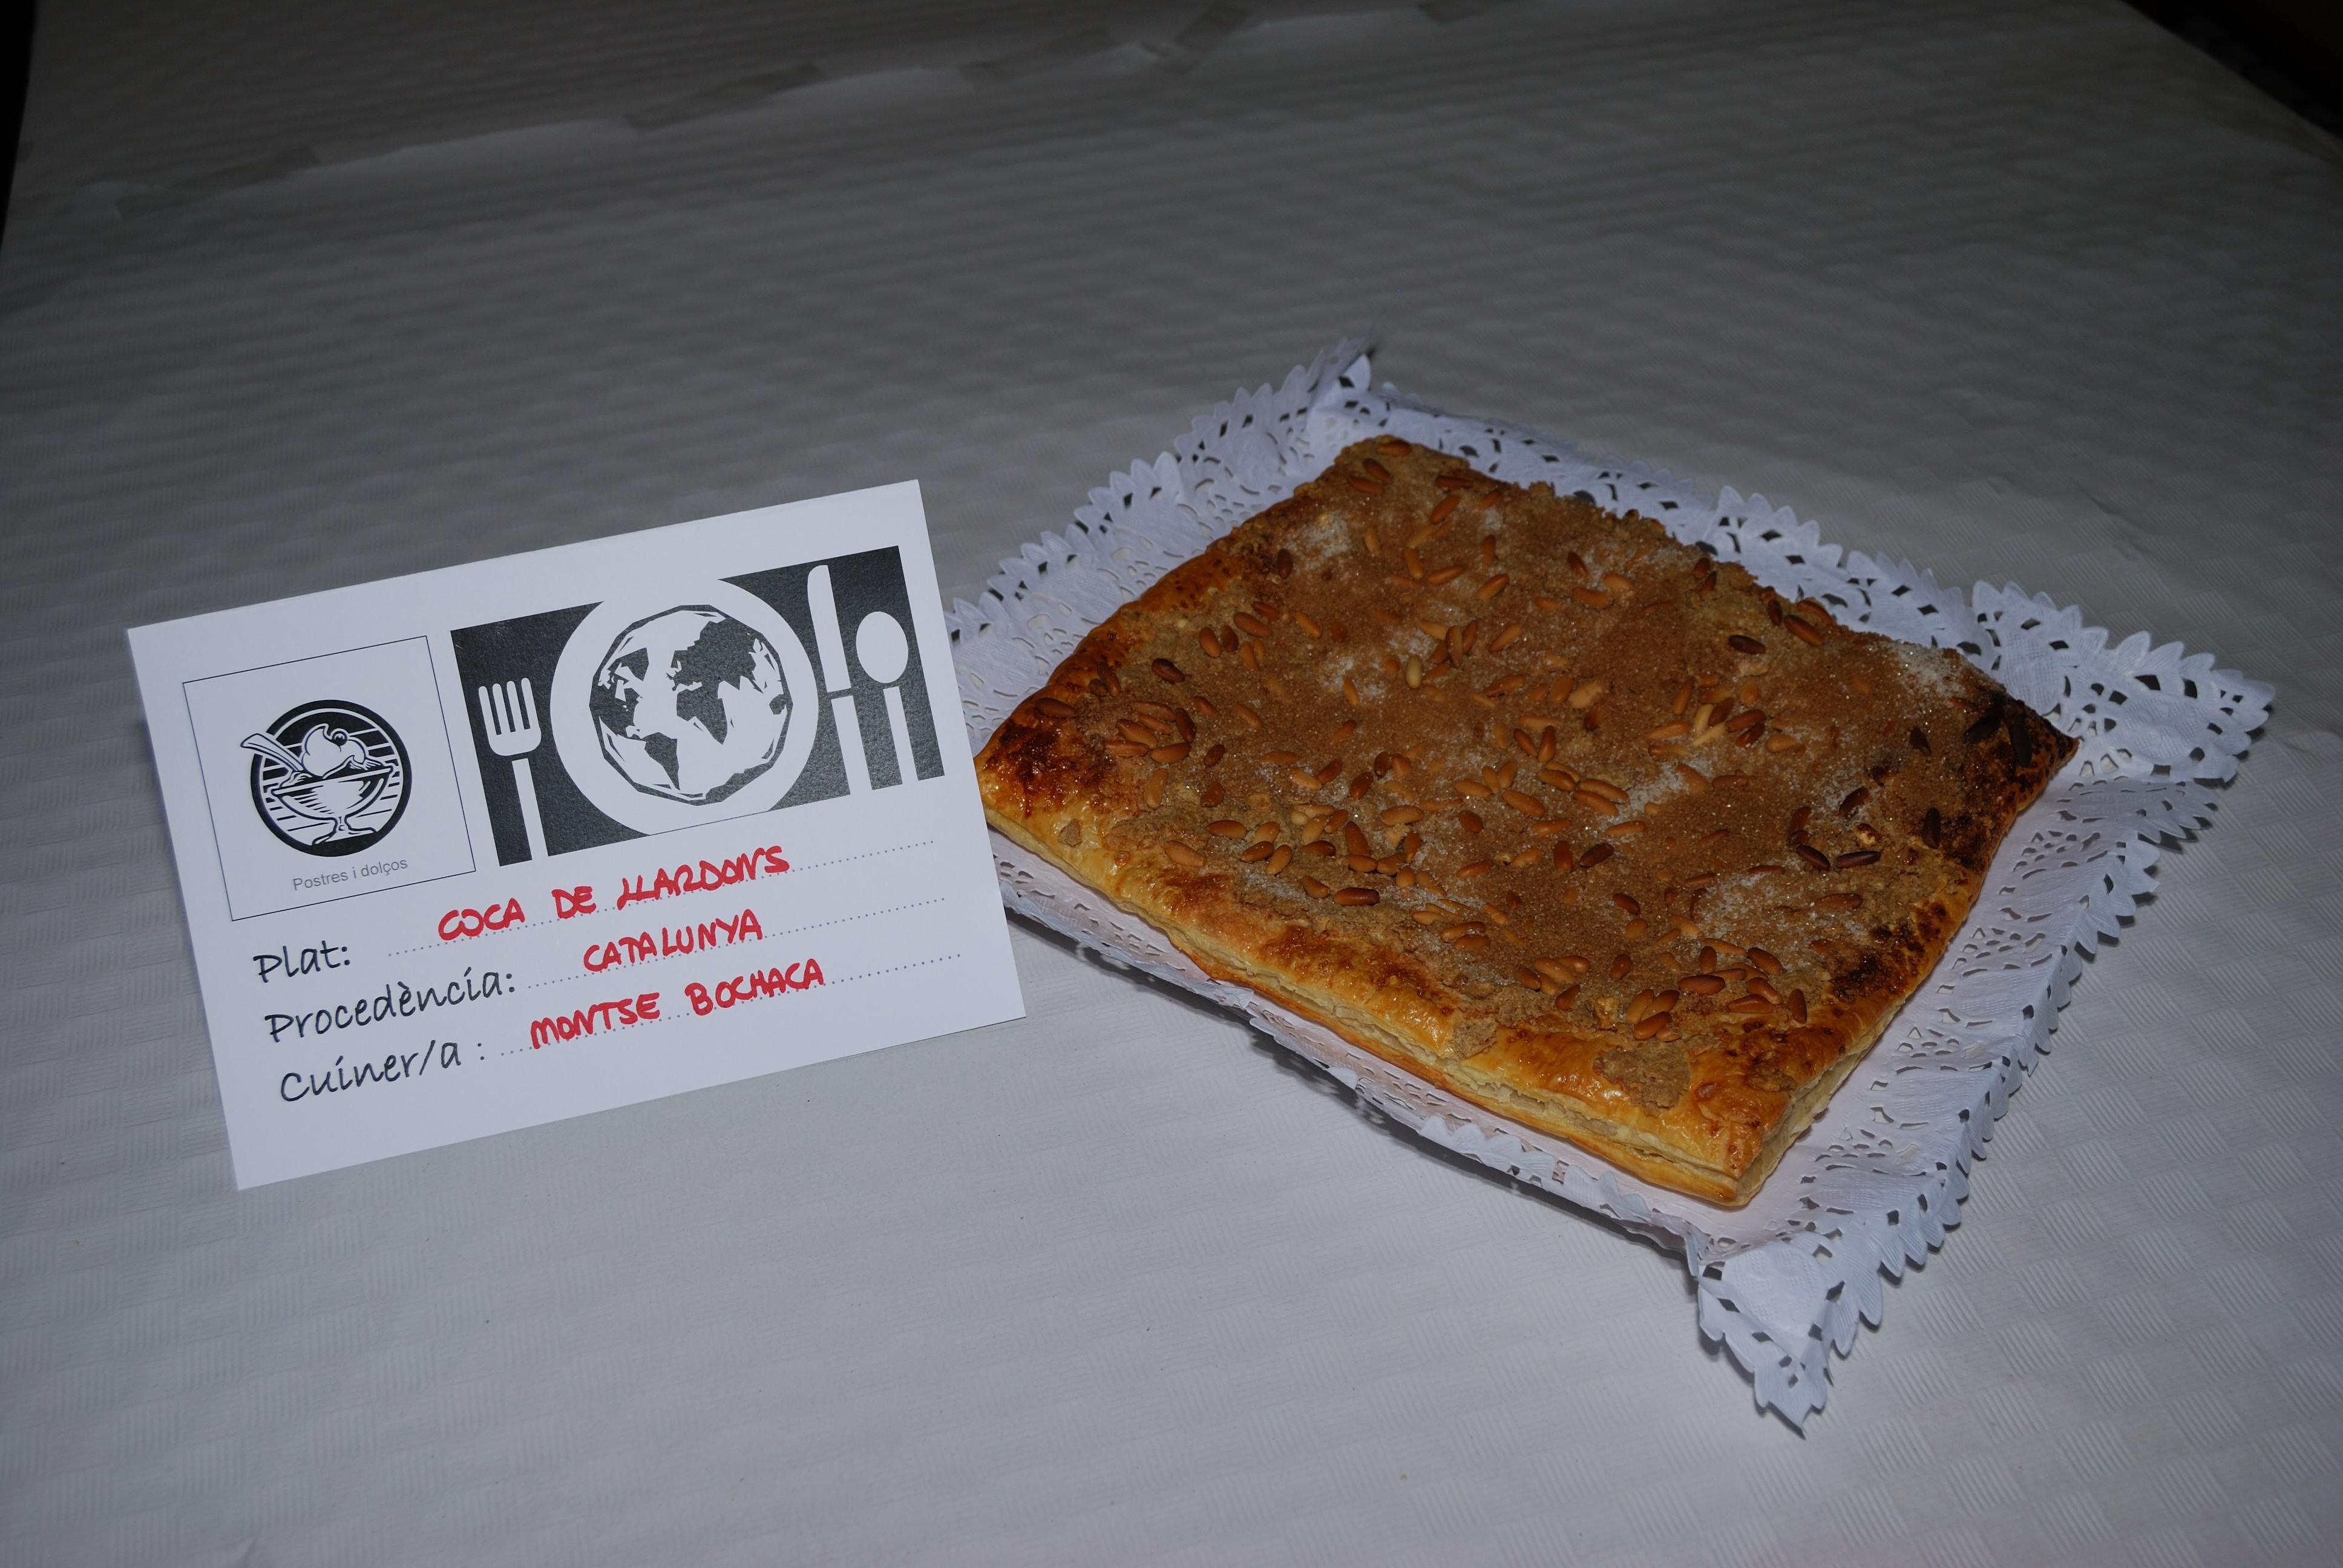 COCA DE LLARDONS